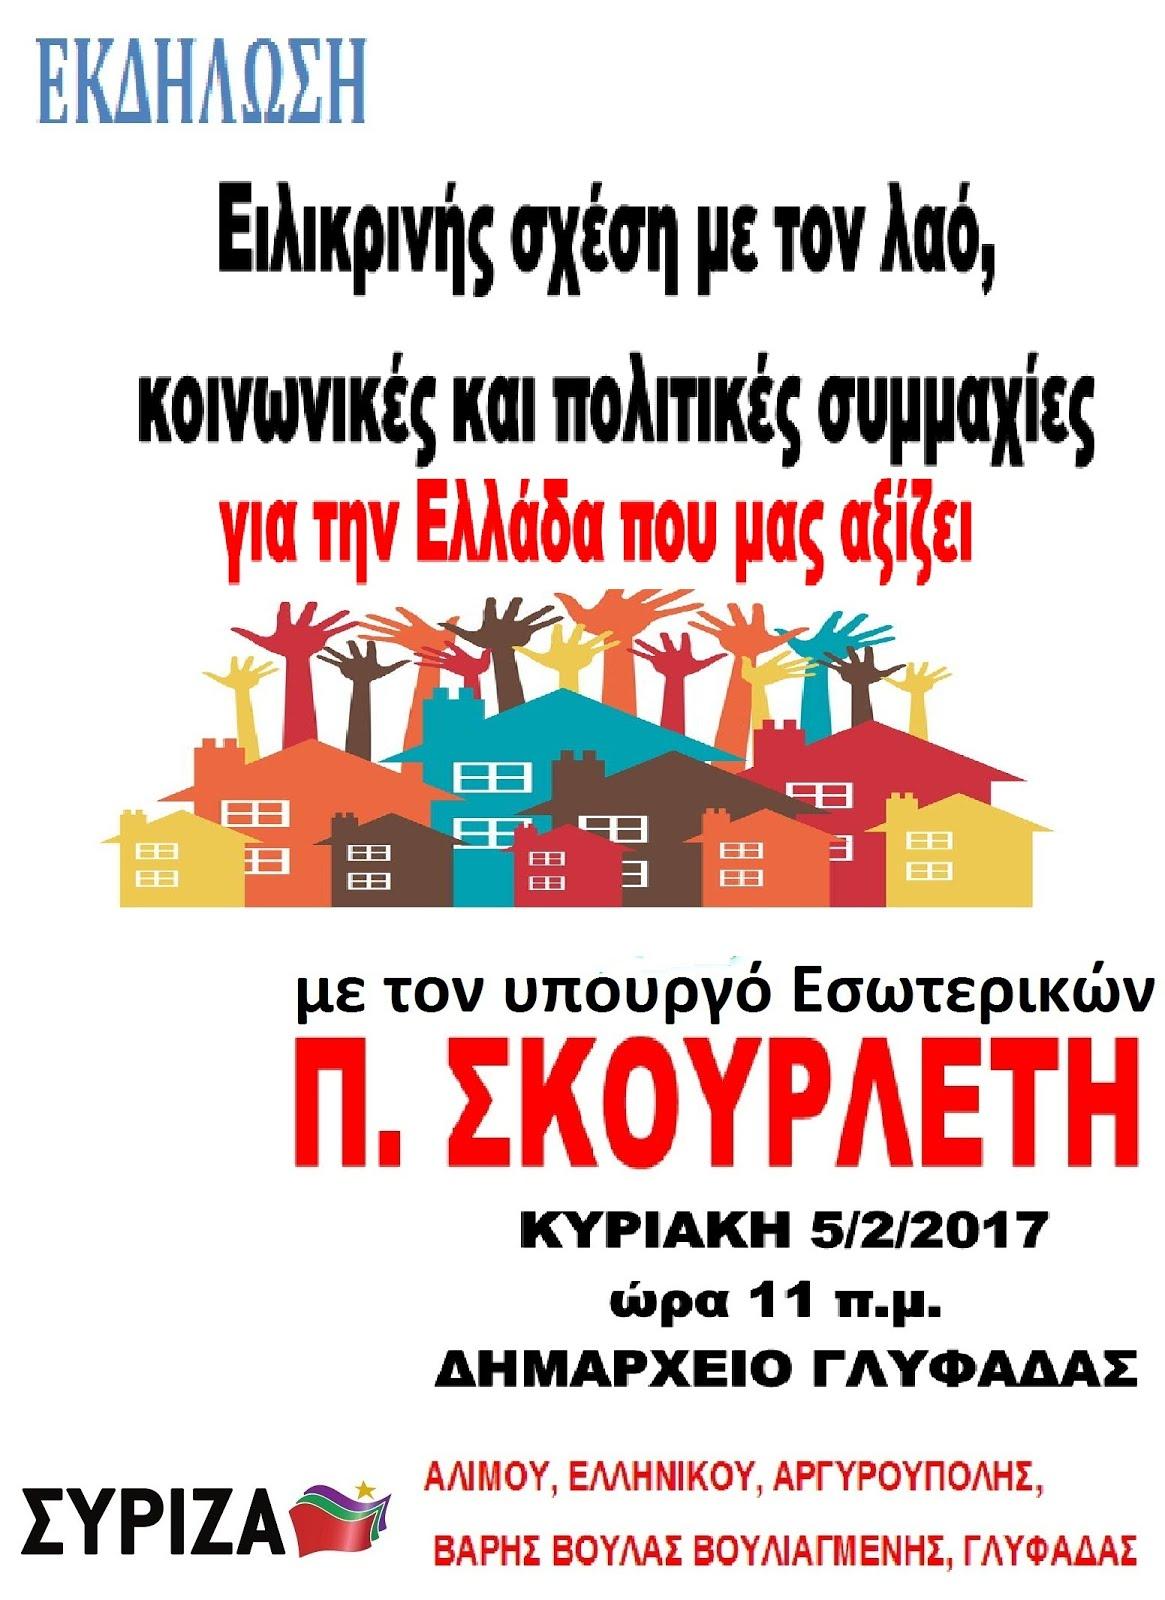 Εκδήλωση ΣΥΡΙΖΑ 5.2.2017 ώρα 11π.μ. στο Δημαρχείο Γλυφάδας